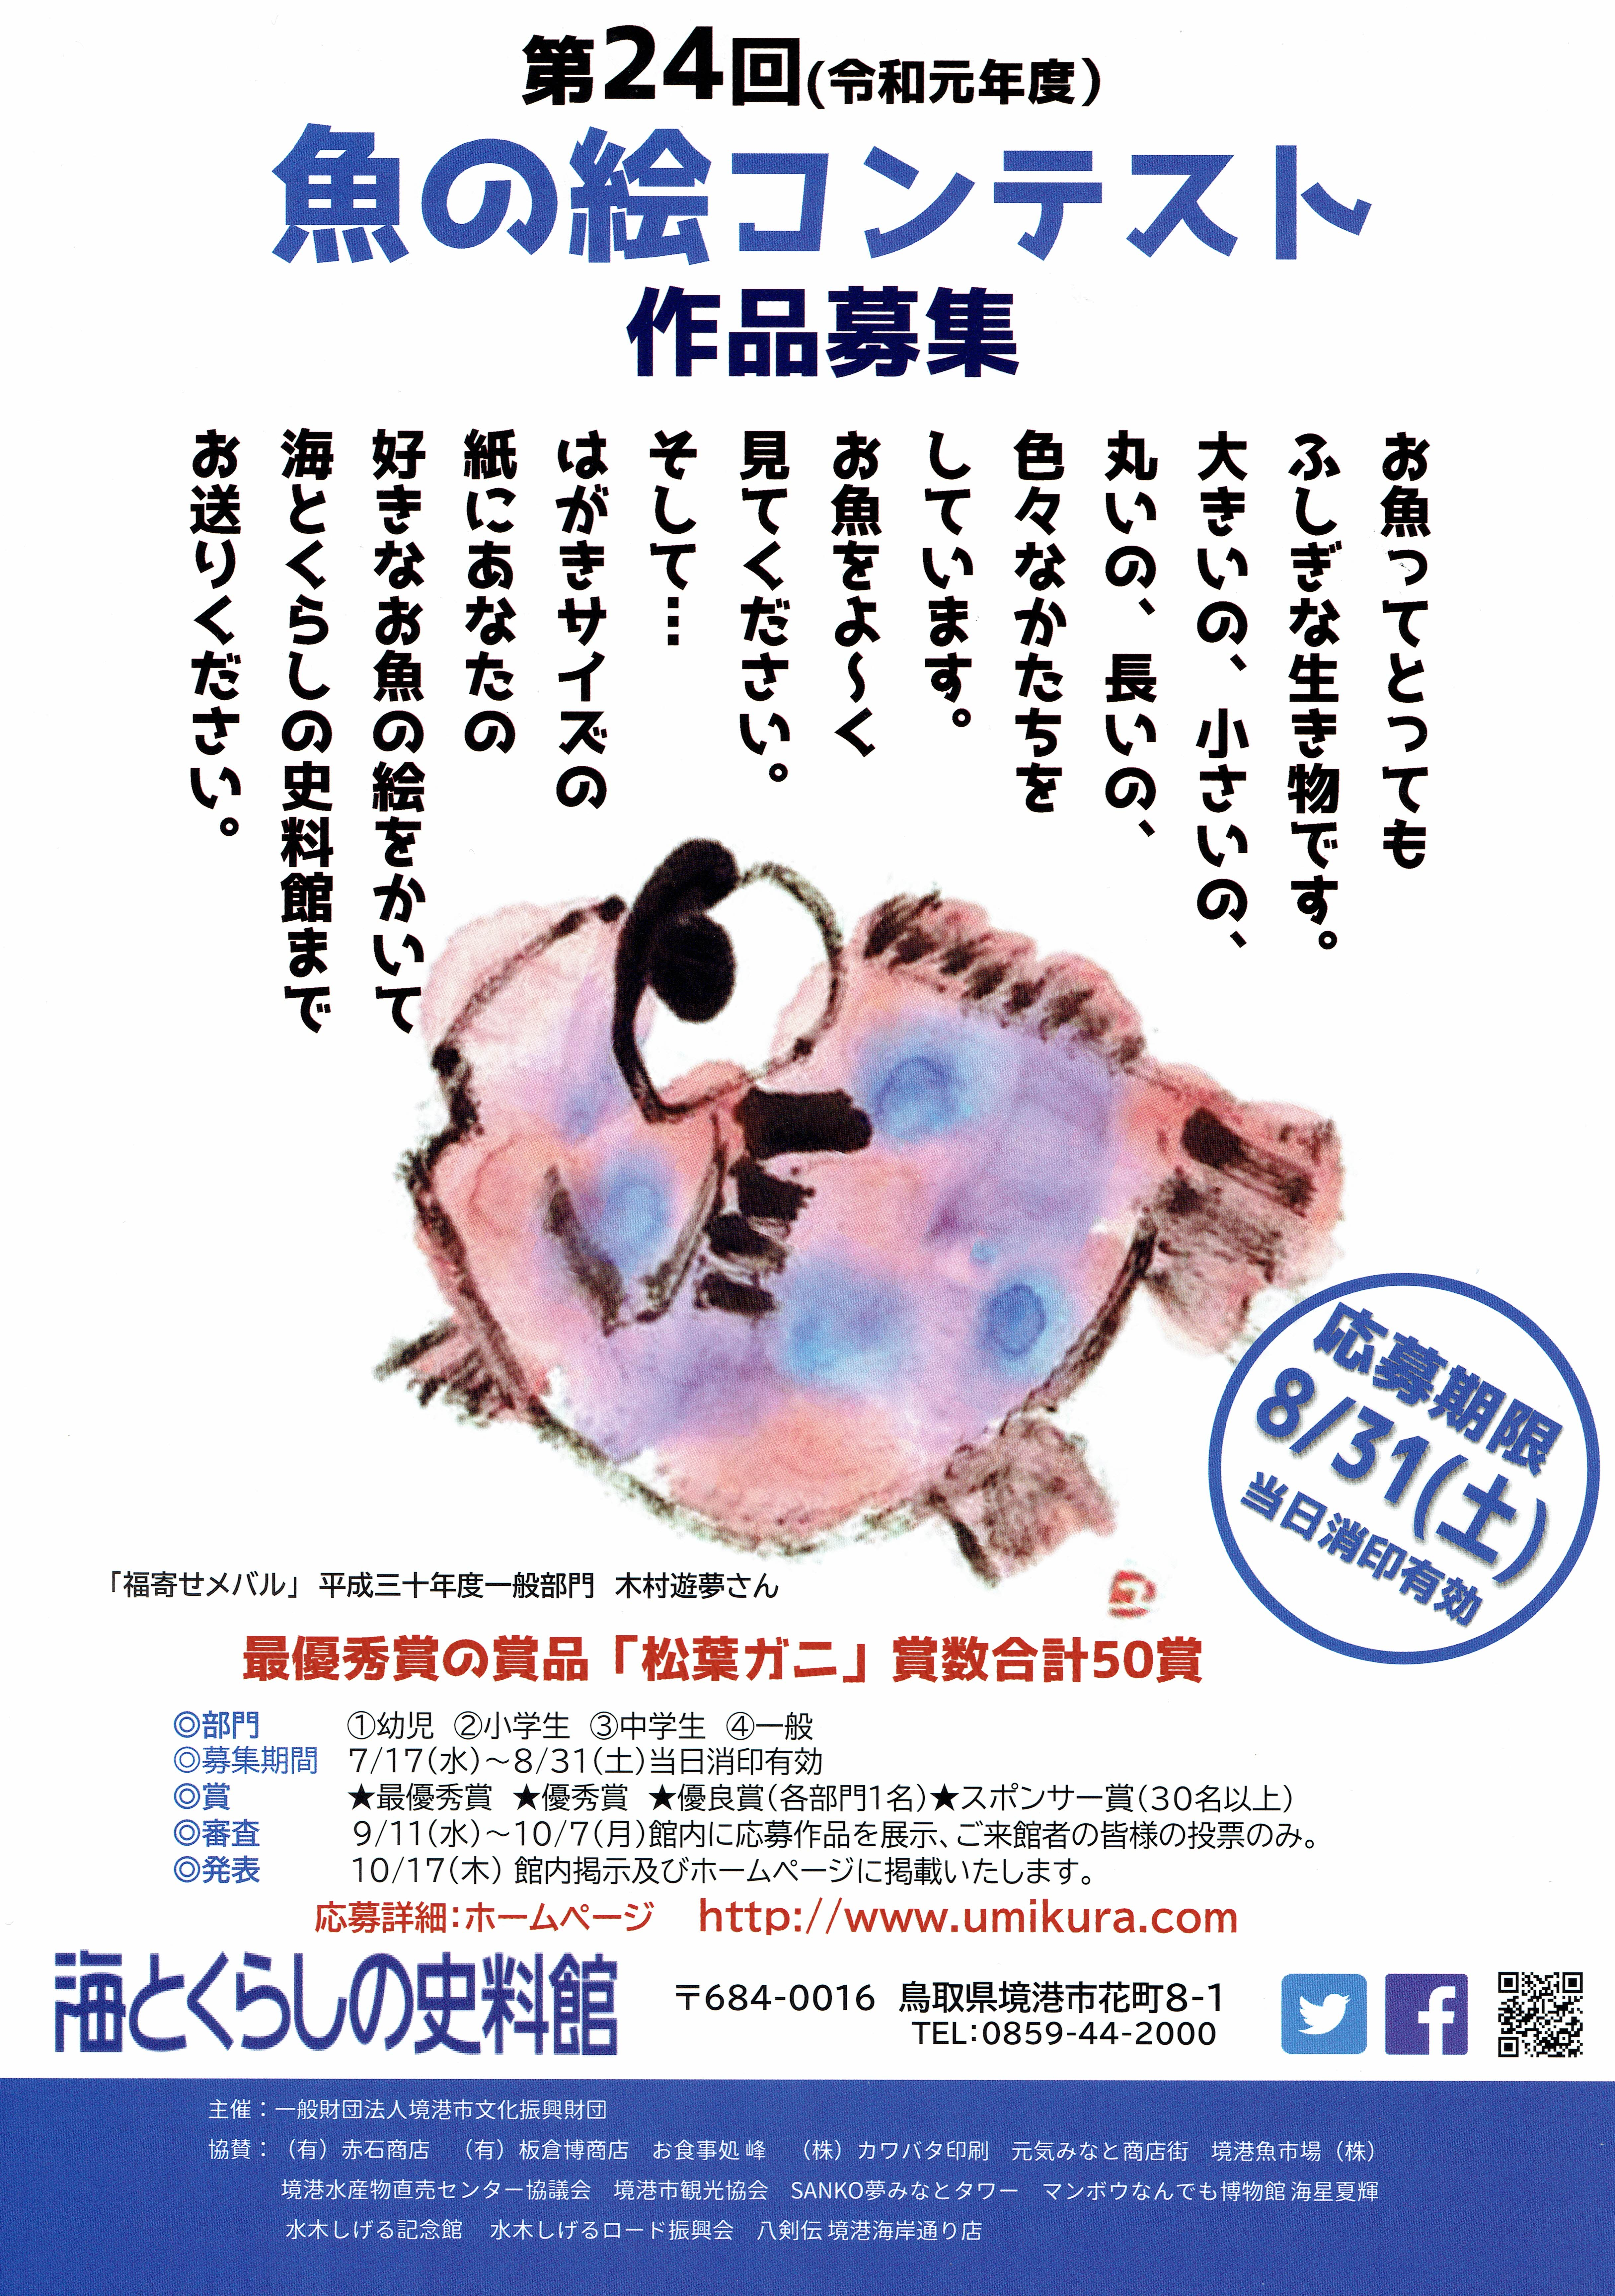 令和元年度 魚の絵コンテストのイメージ